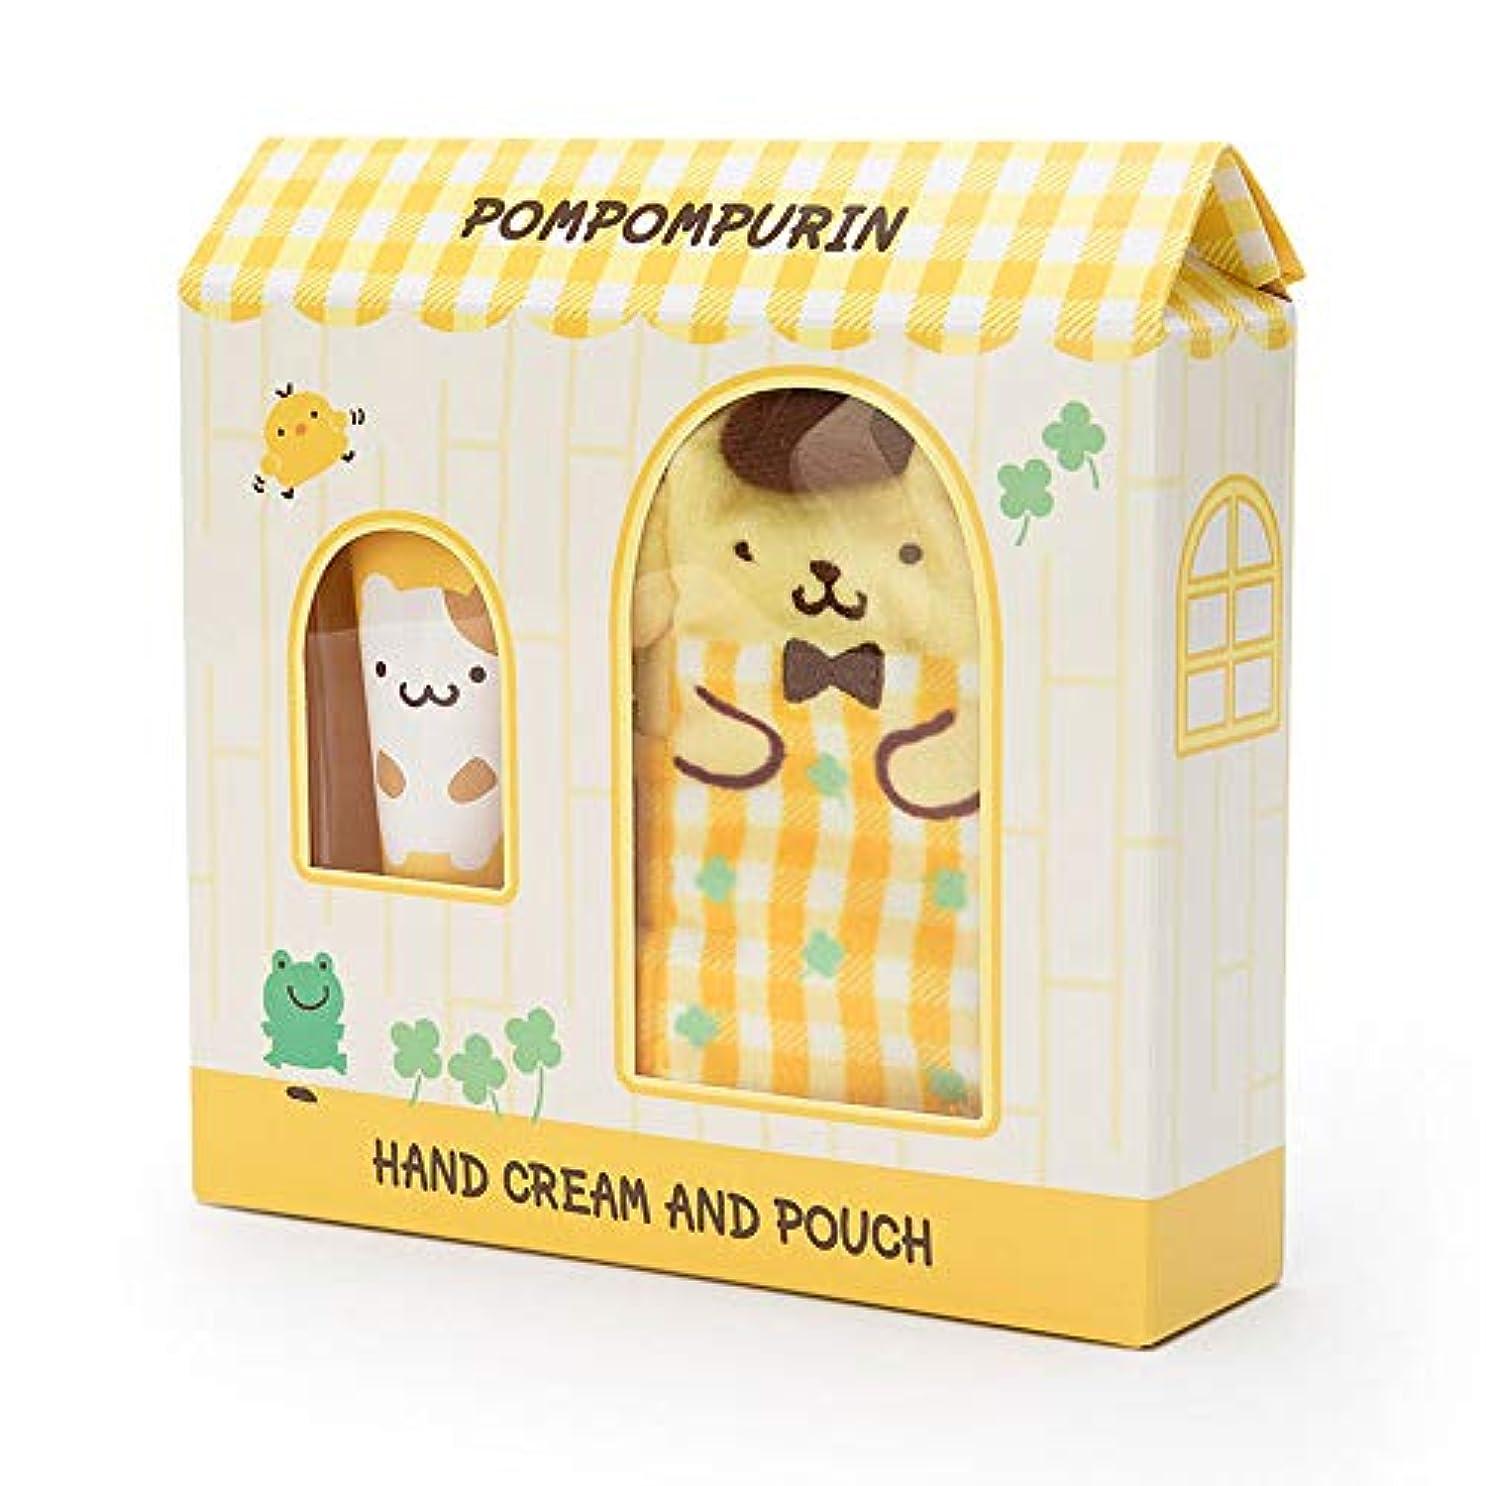 打ち上げる解説冷酷なポムポムプリン プチポーチ付きハンドクリーム